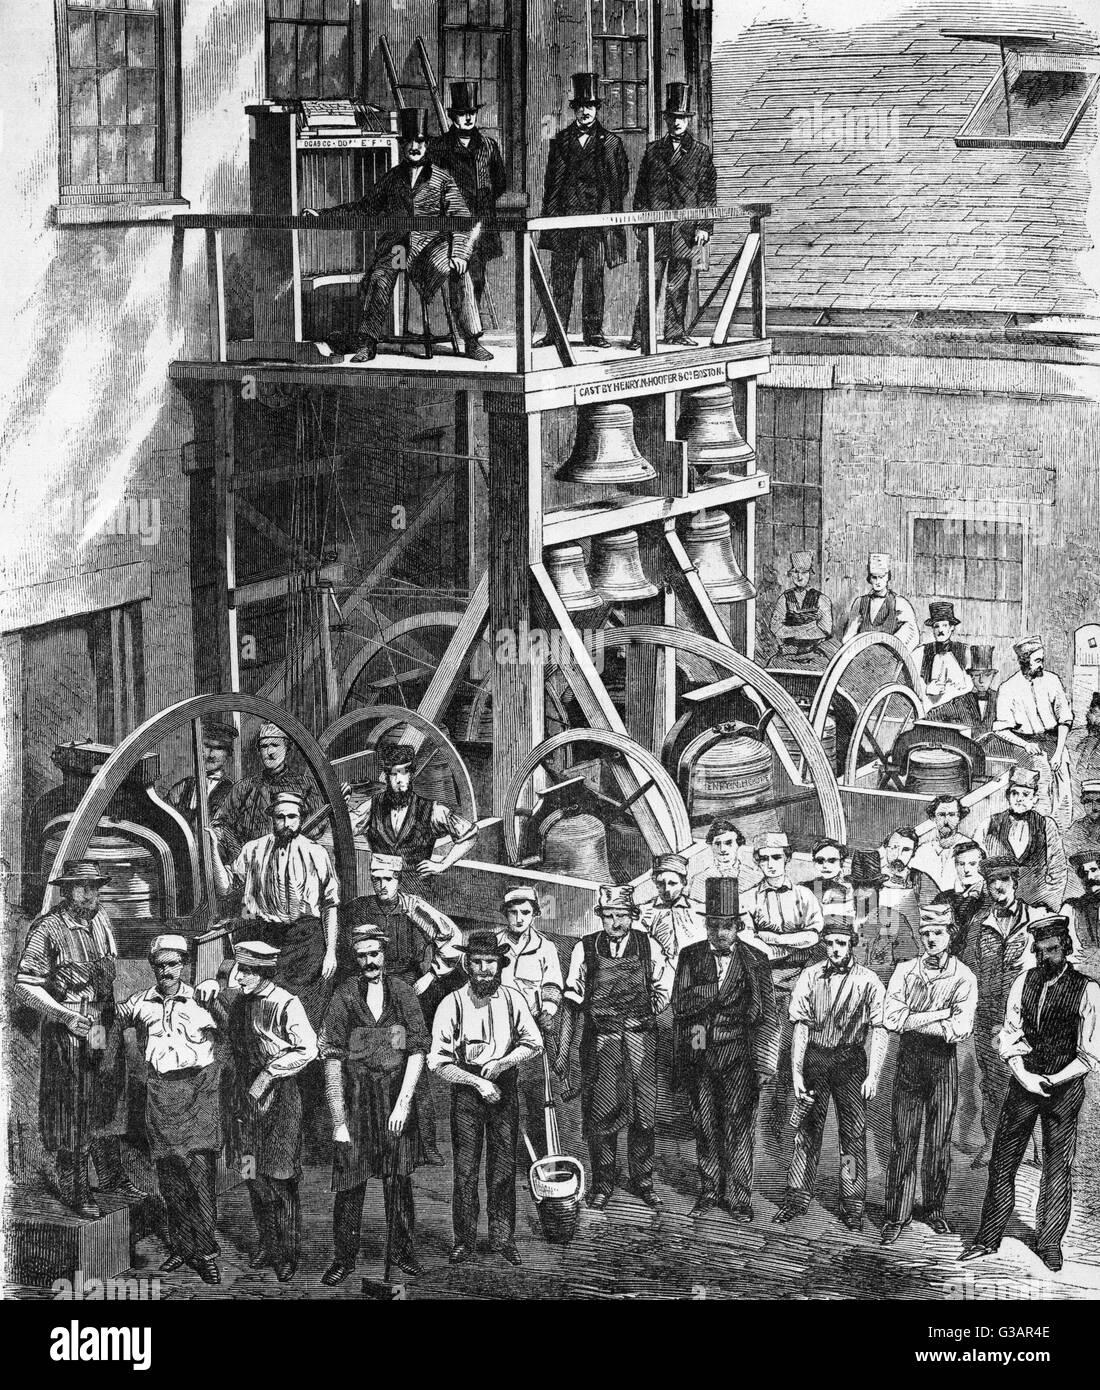 CHURCH BELLS CHIME OF THIRTEEN CHURCH BELLS MESSRS 1860